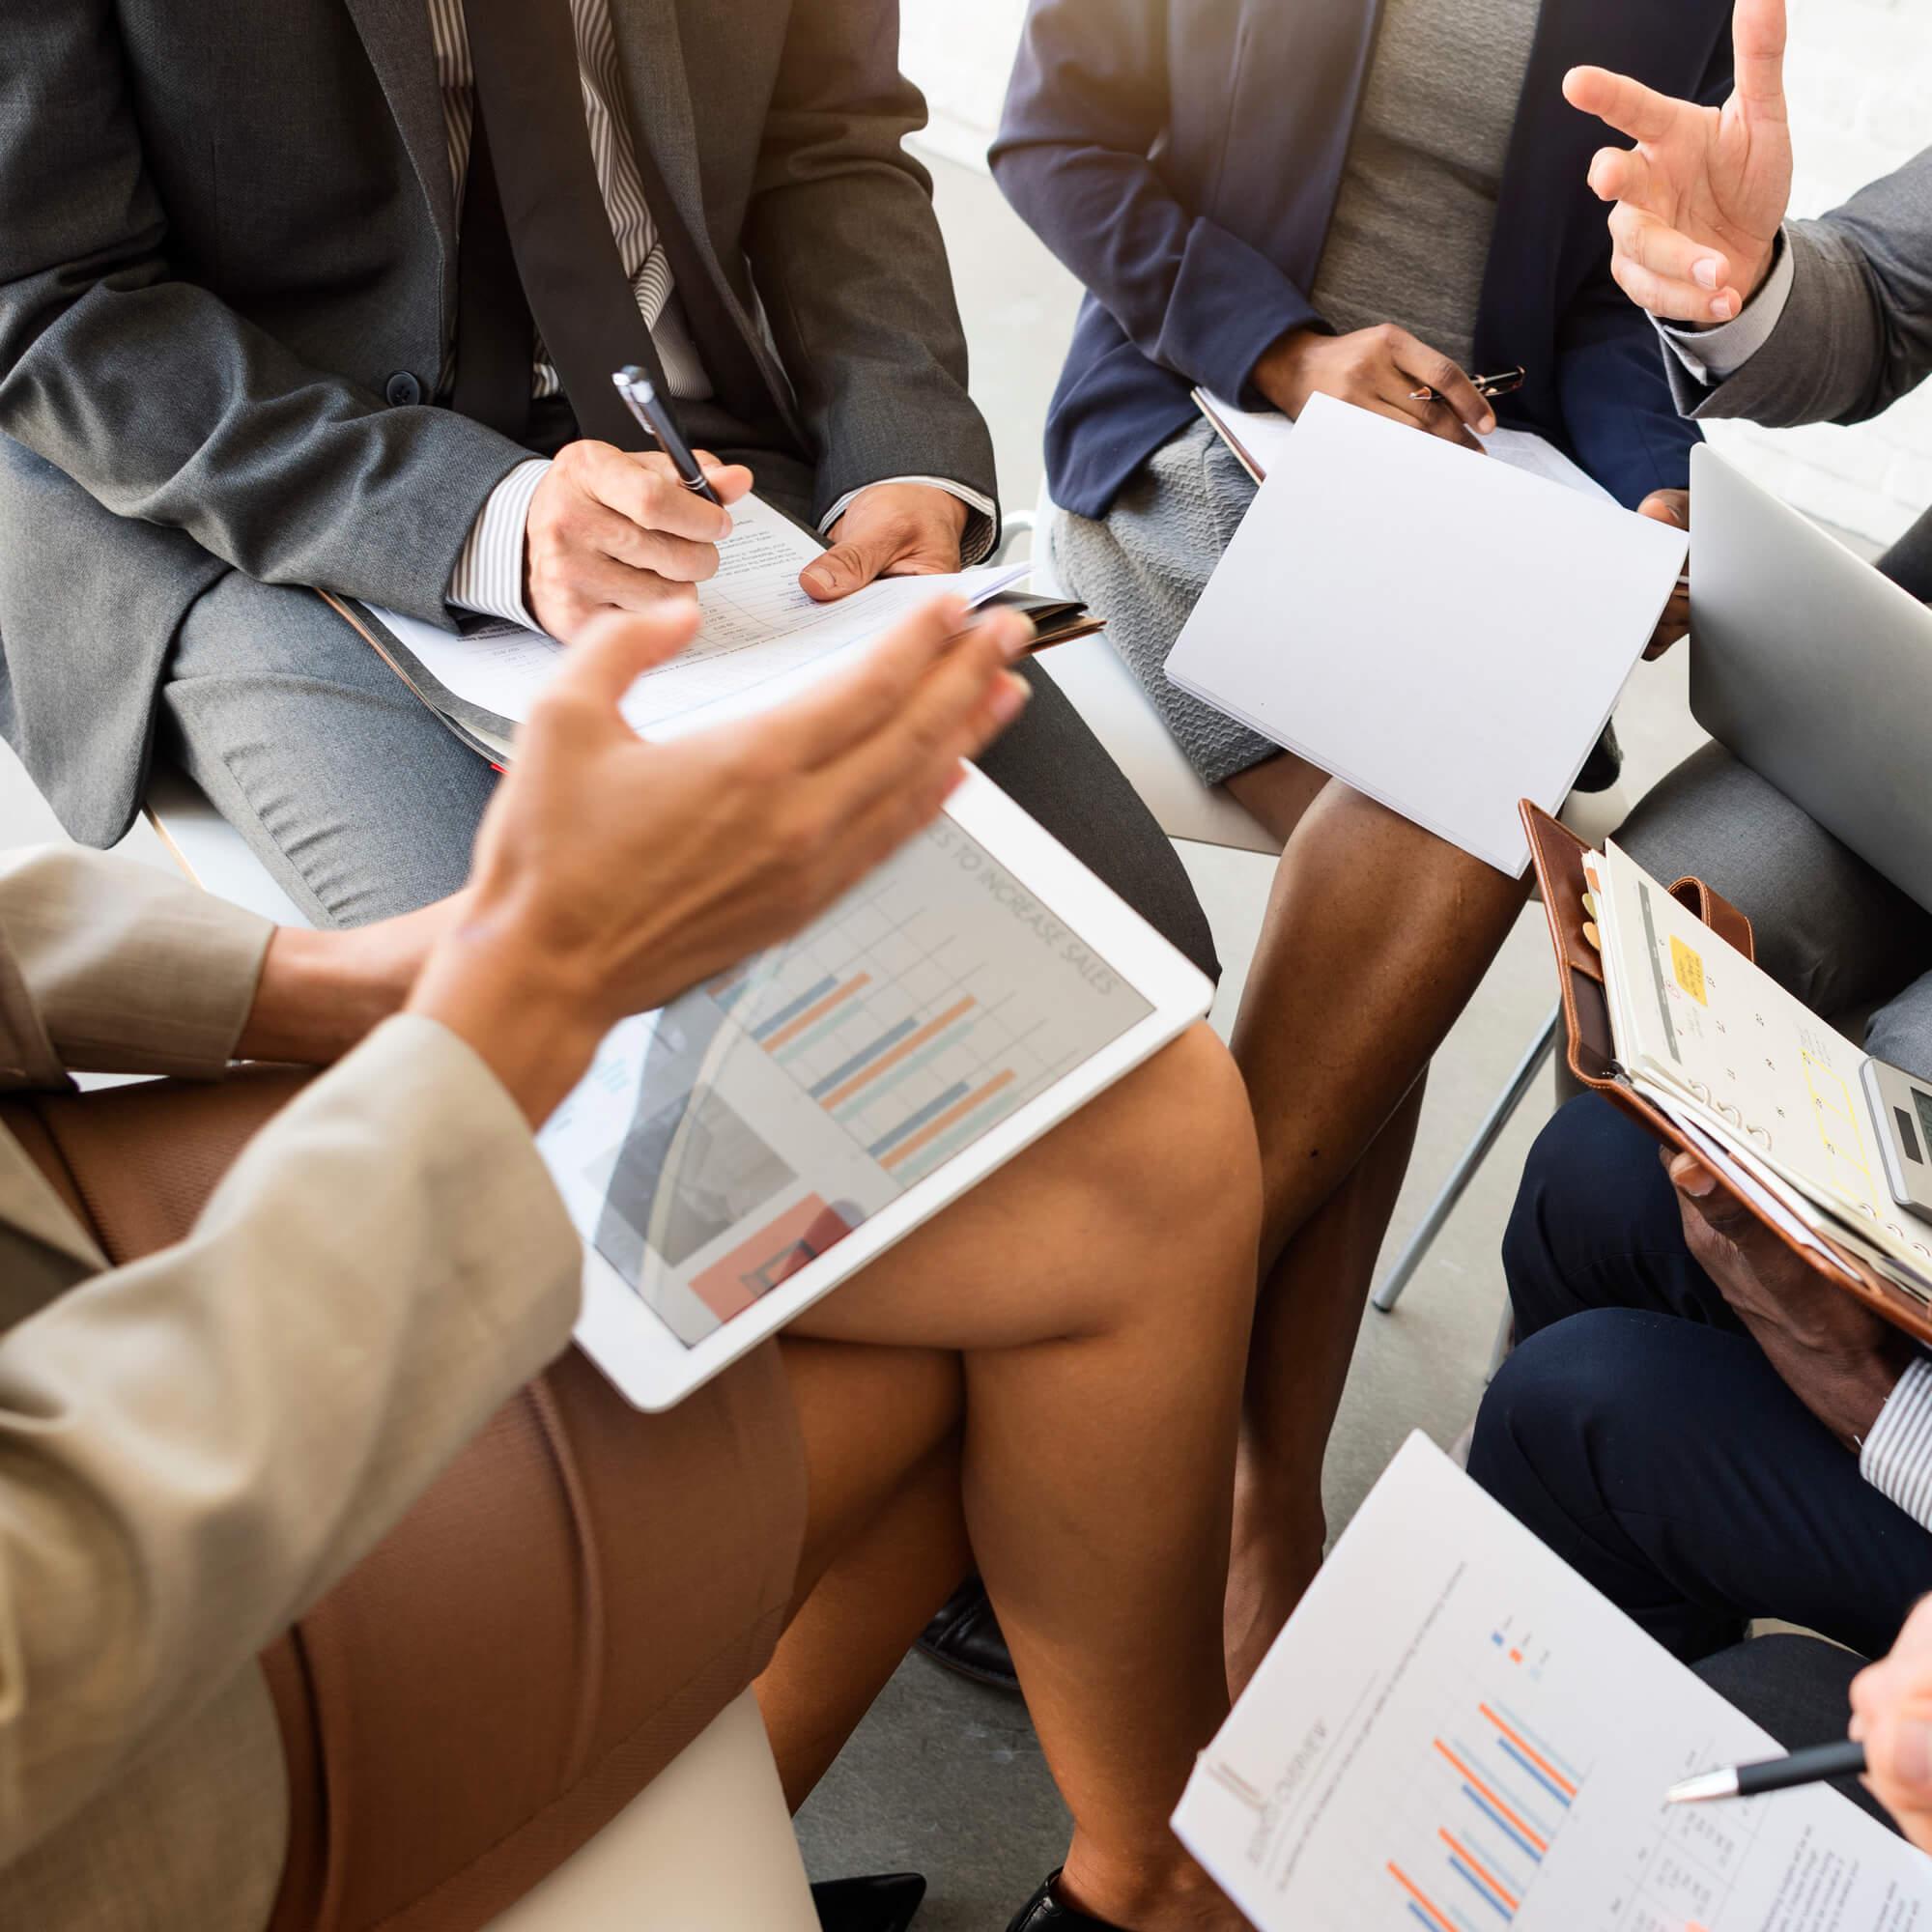 Como alcançar a inovação do negócio com 4 dicas estratégicas